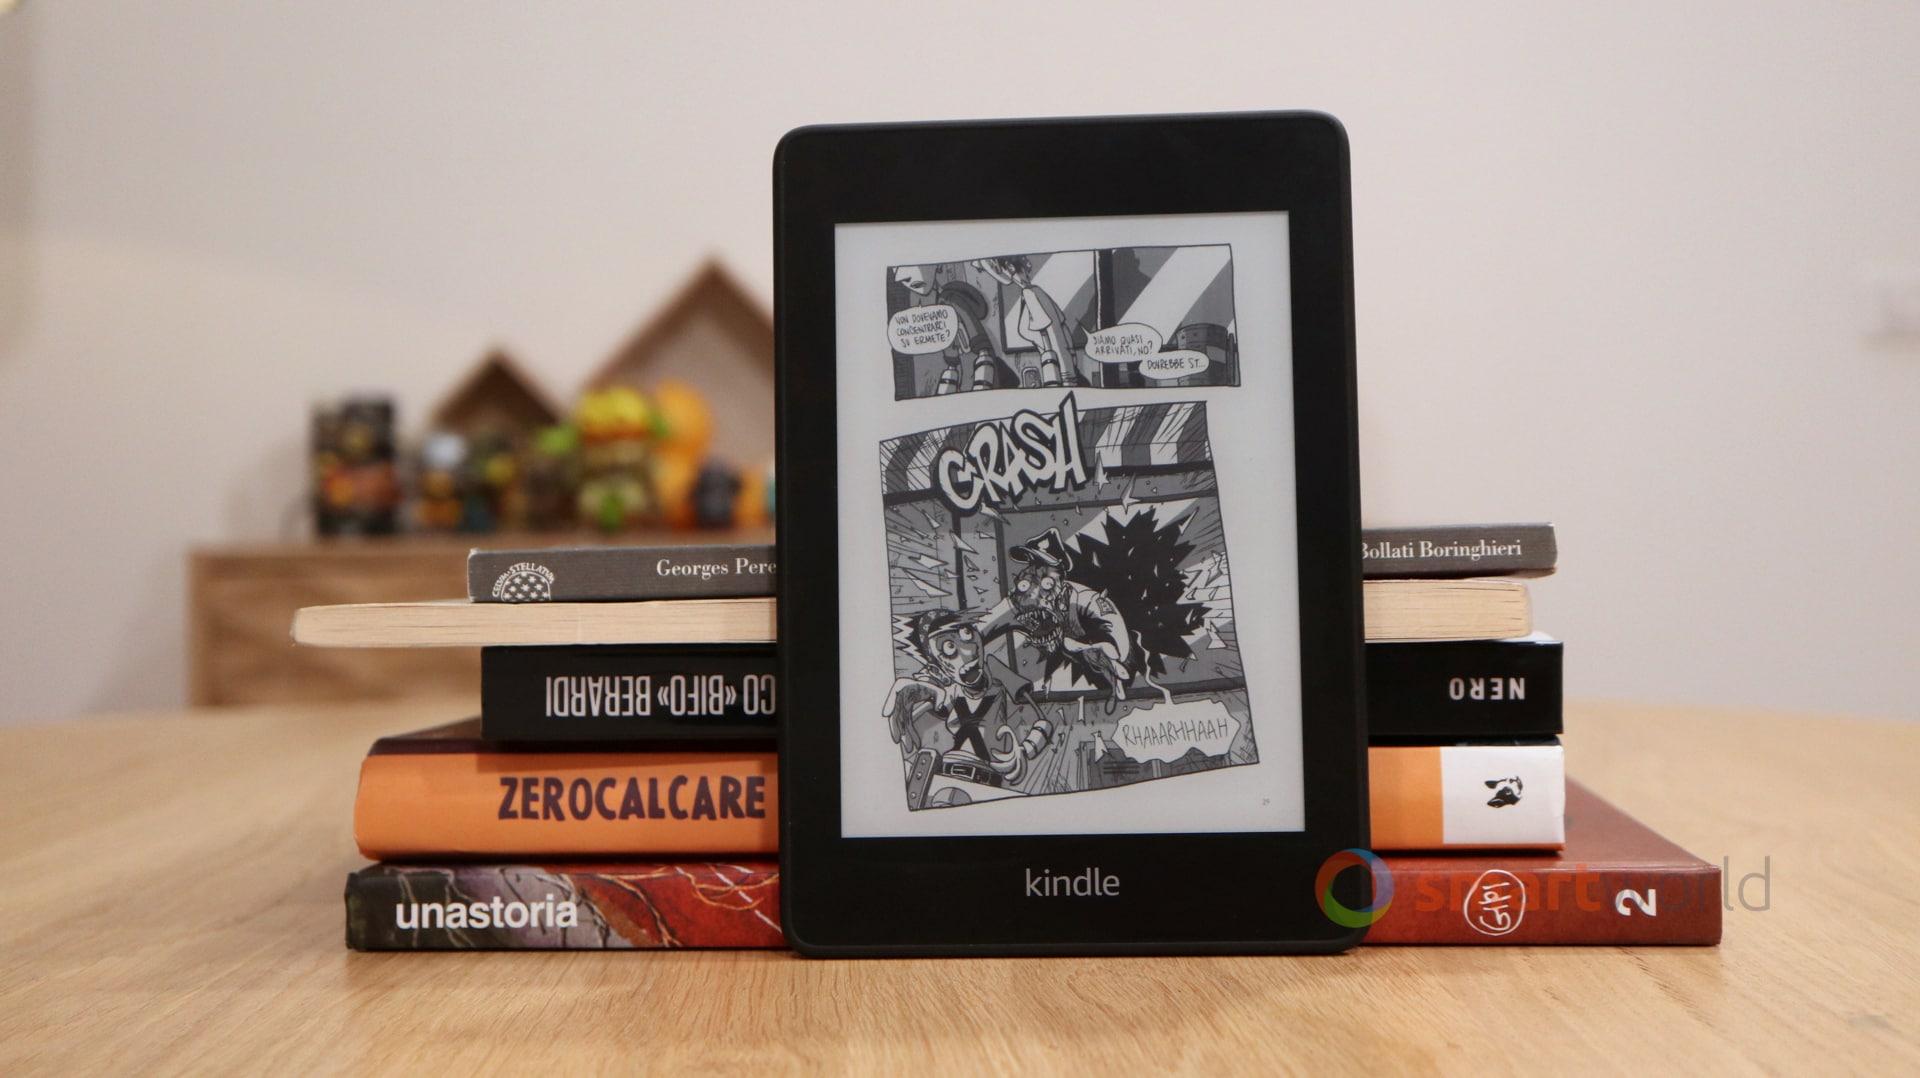 Kindle Paperwhite (2018) in sconto su Amazon Italia: si parte da 109,99€ - image Recensione-Kindle-Paperwhite-2018-20 on https://www.zxbyte.com